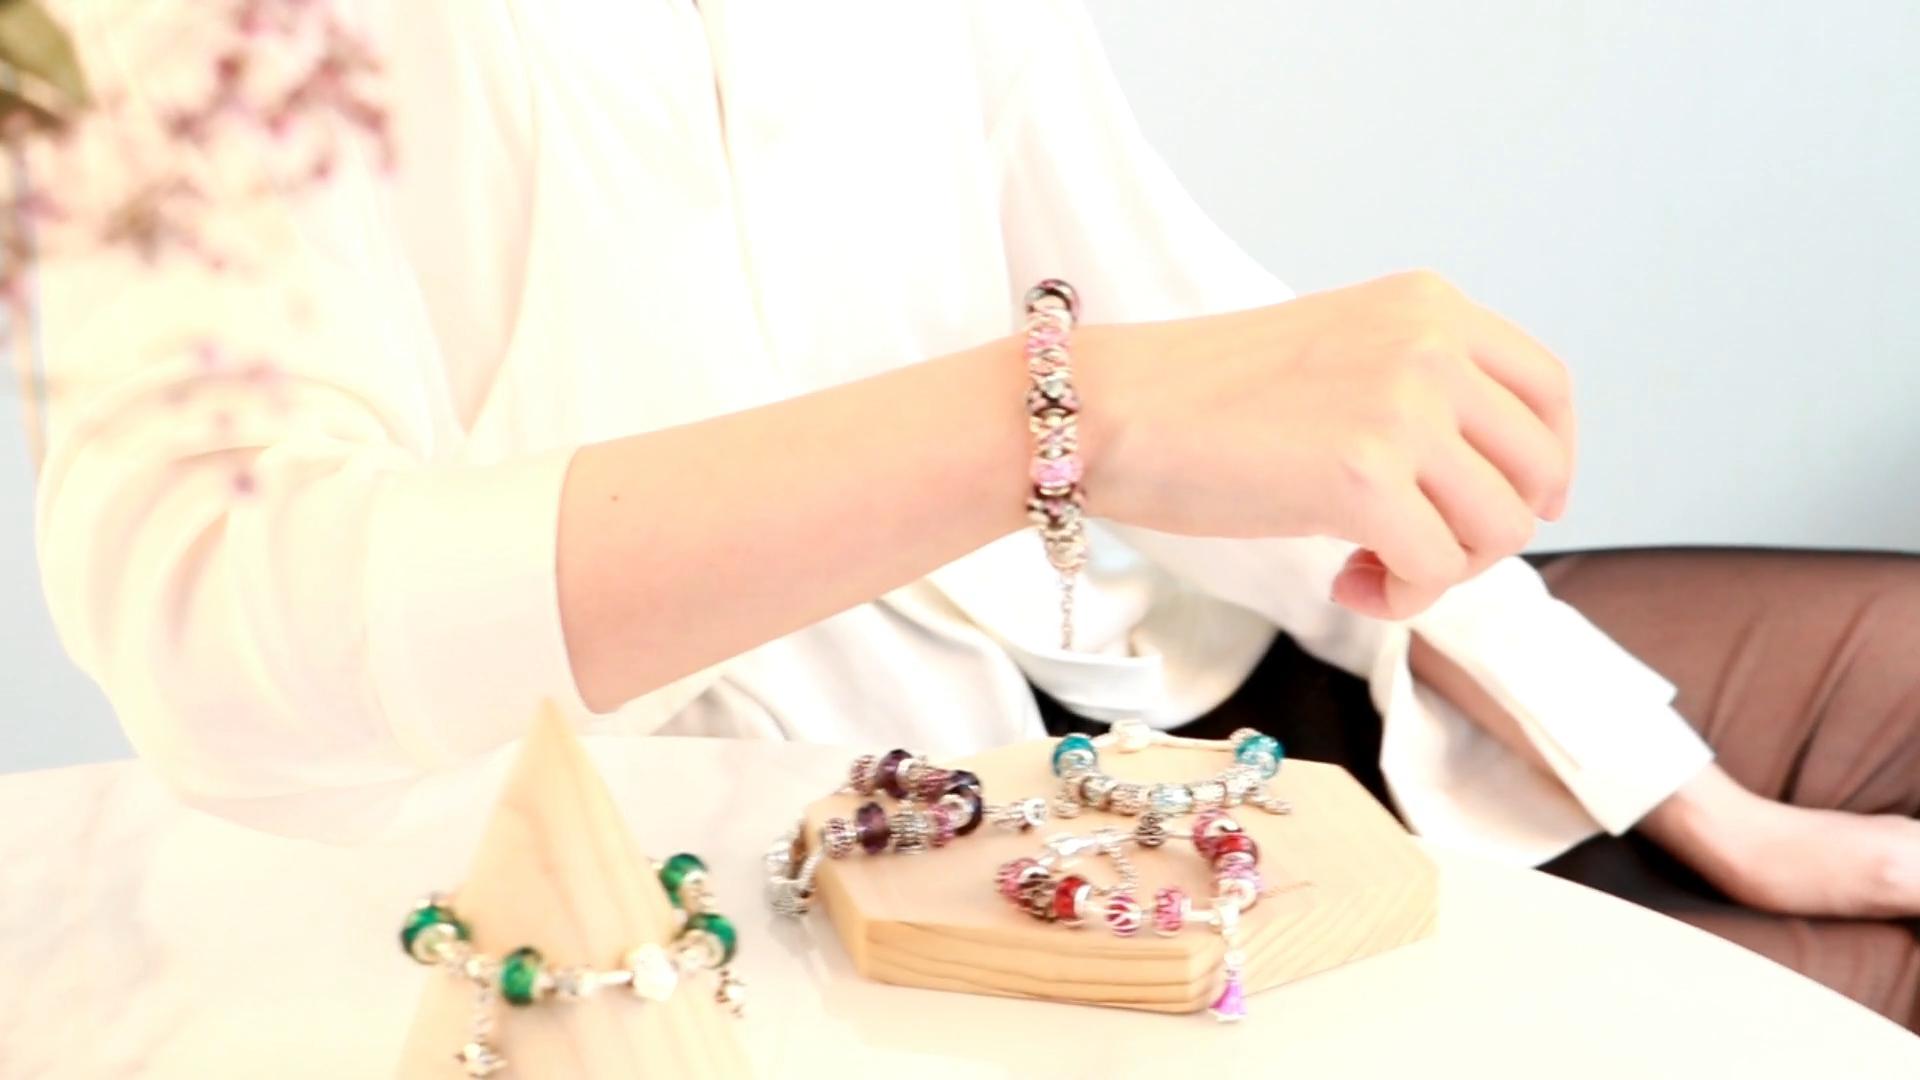 925 Sterling Silver Charm Bead Women Jewelry Making DIY Zircon Enamel Beads Bracelet Bangle